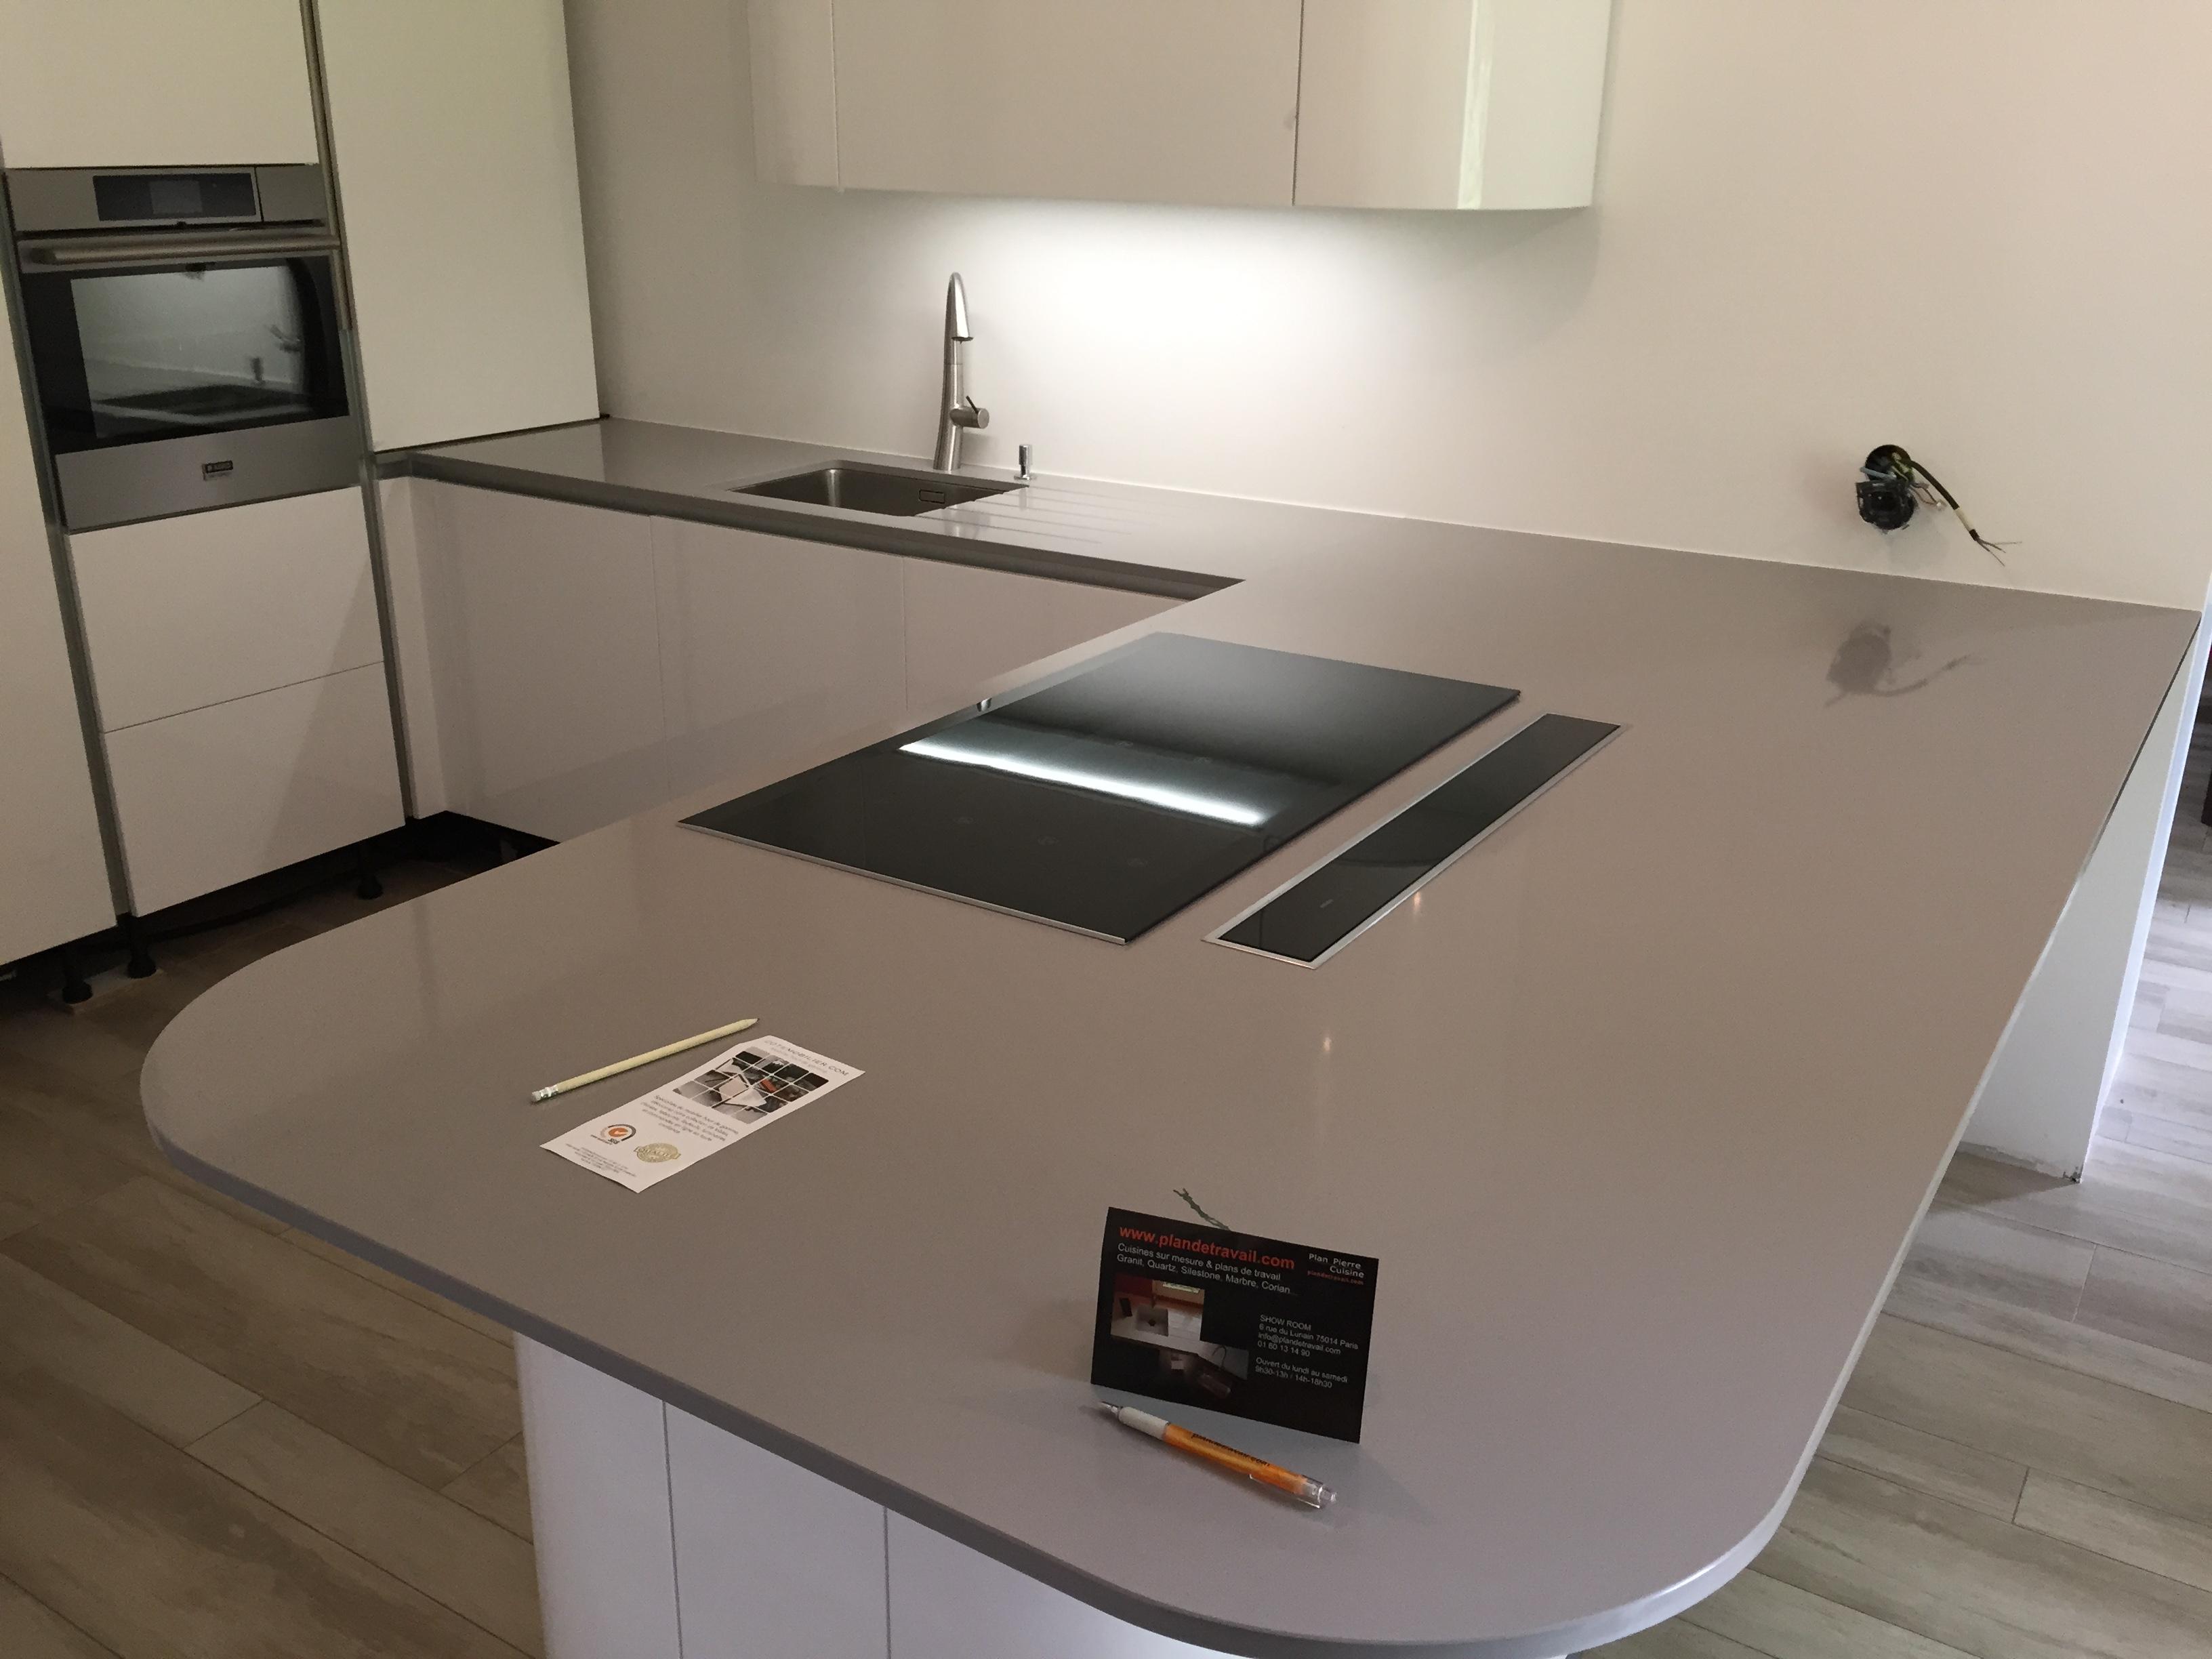 plan de travail granit quartz table en mabre paris essonne plan de travail quartz. Black Bedroom Furniture Sets. Home Design Ideas